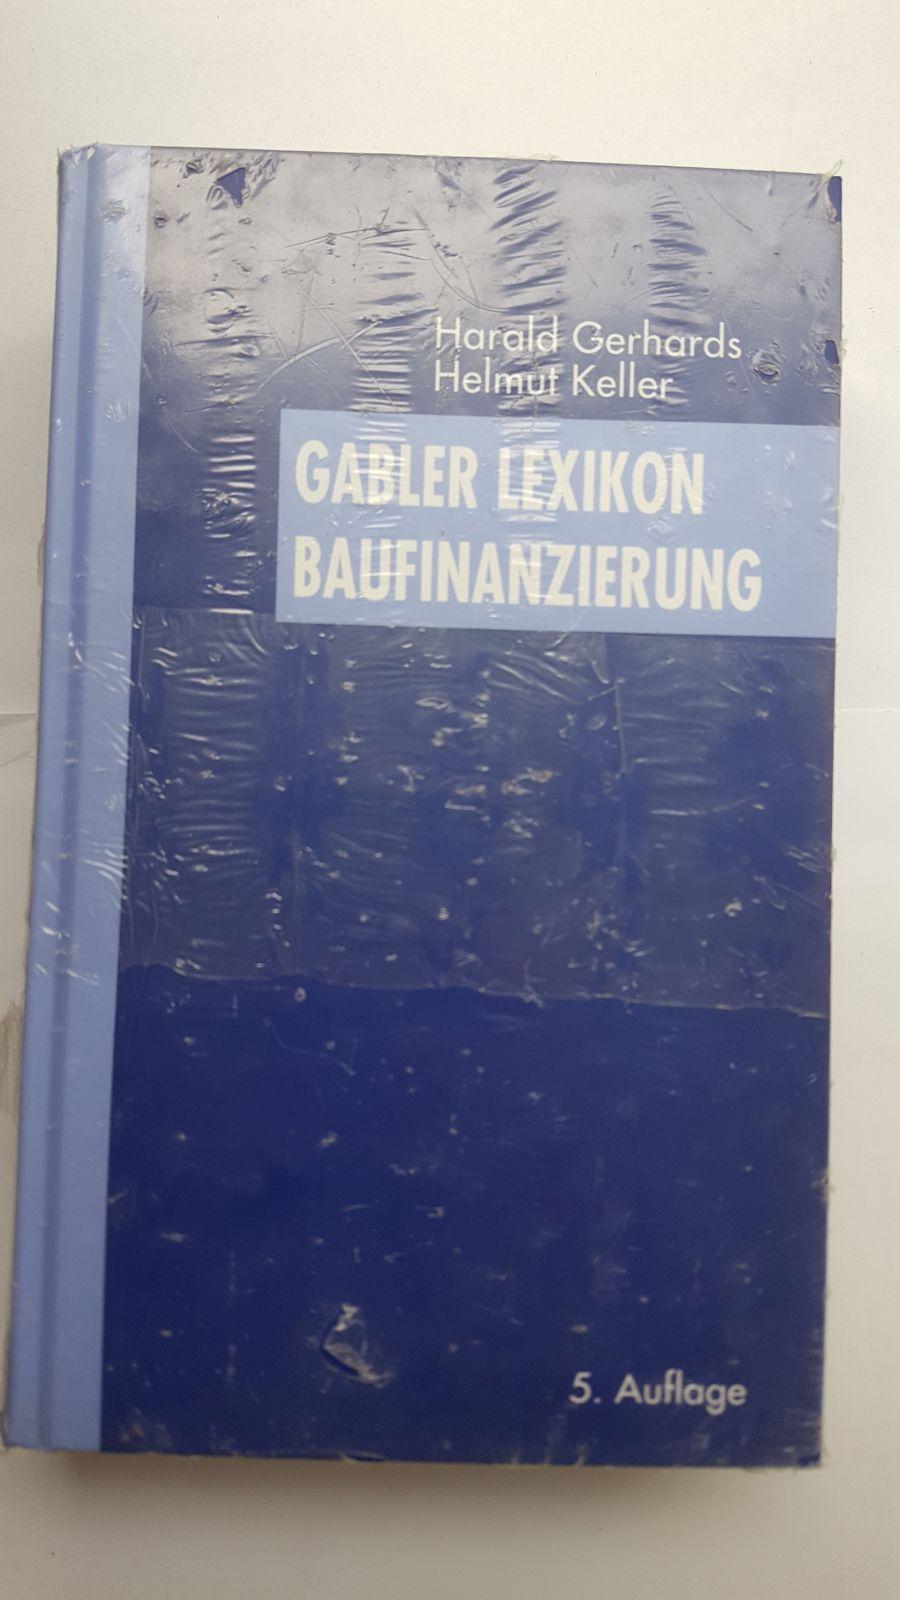 Gabler Lexikon Baufinanzierung.: Gerhards, Harald und